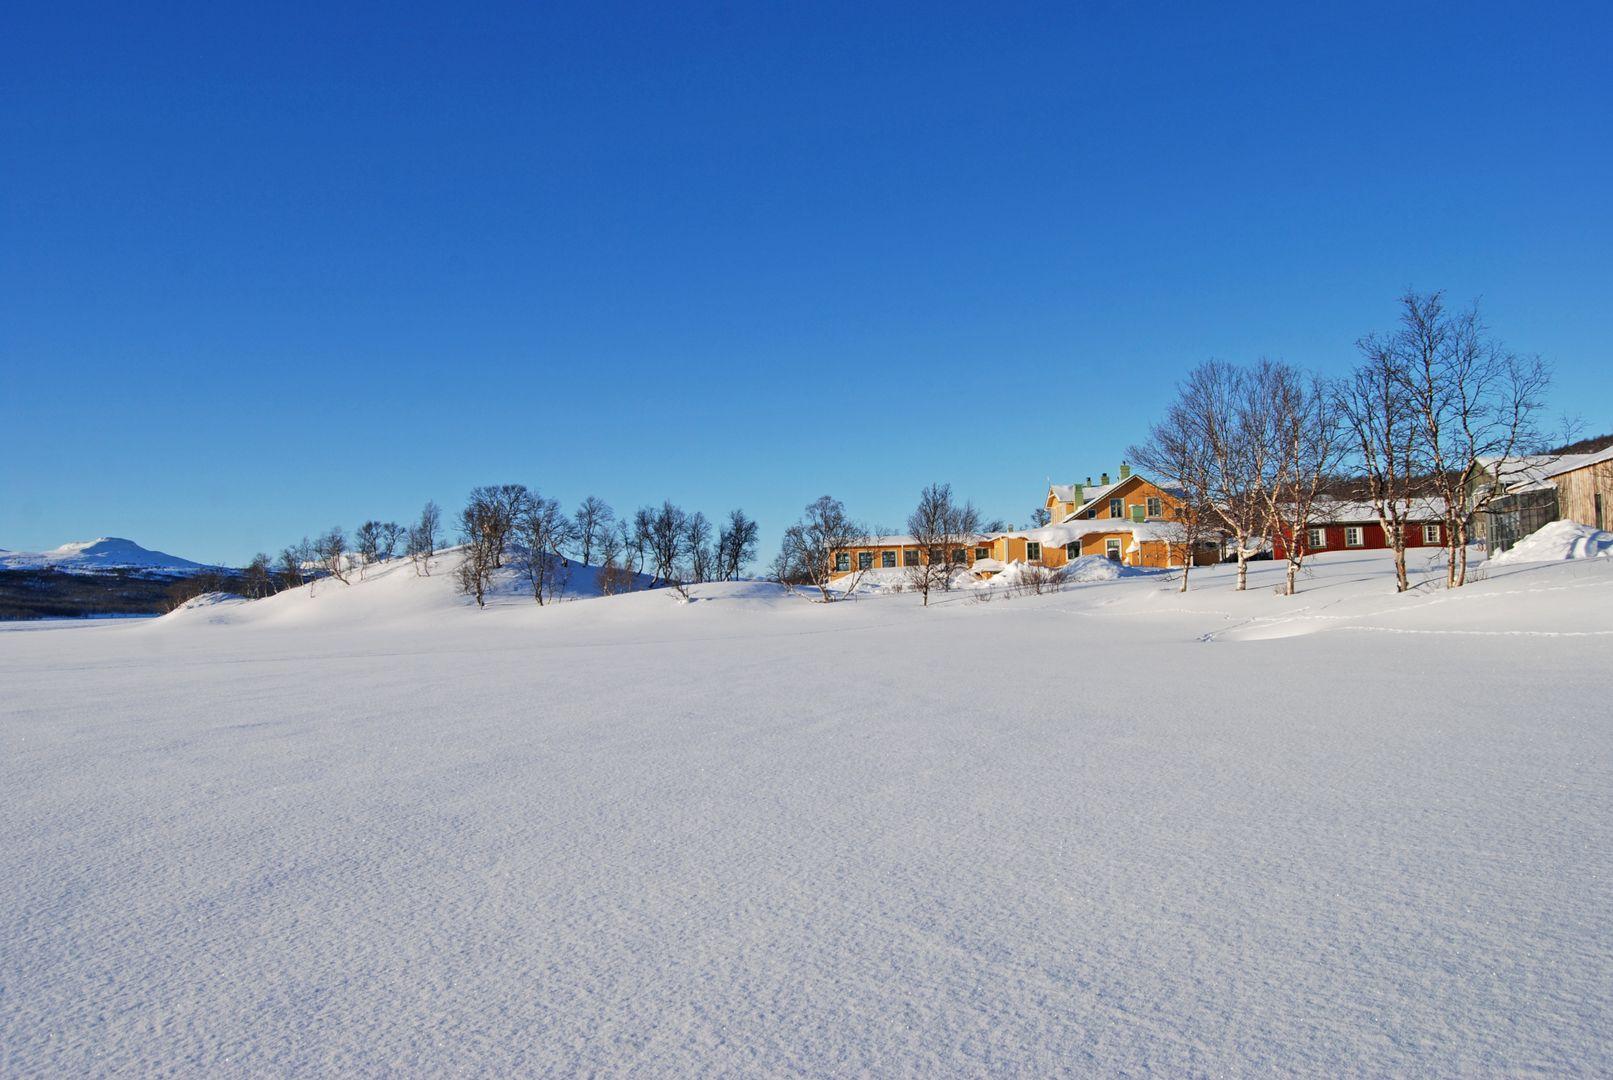 Gå, skida eller ta skoter till Fjällnäs Högfjällshotell ...